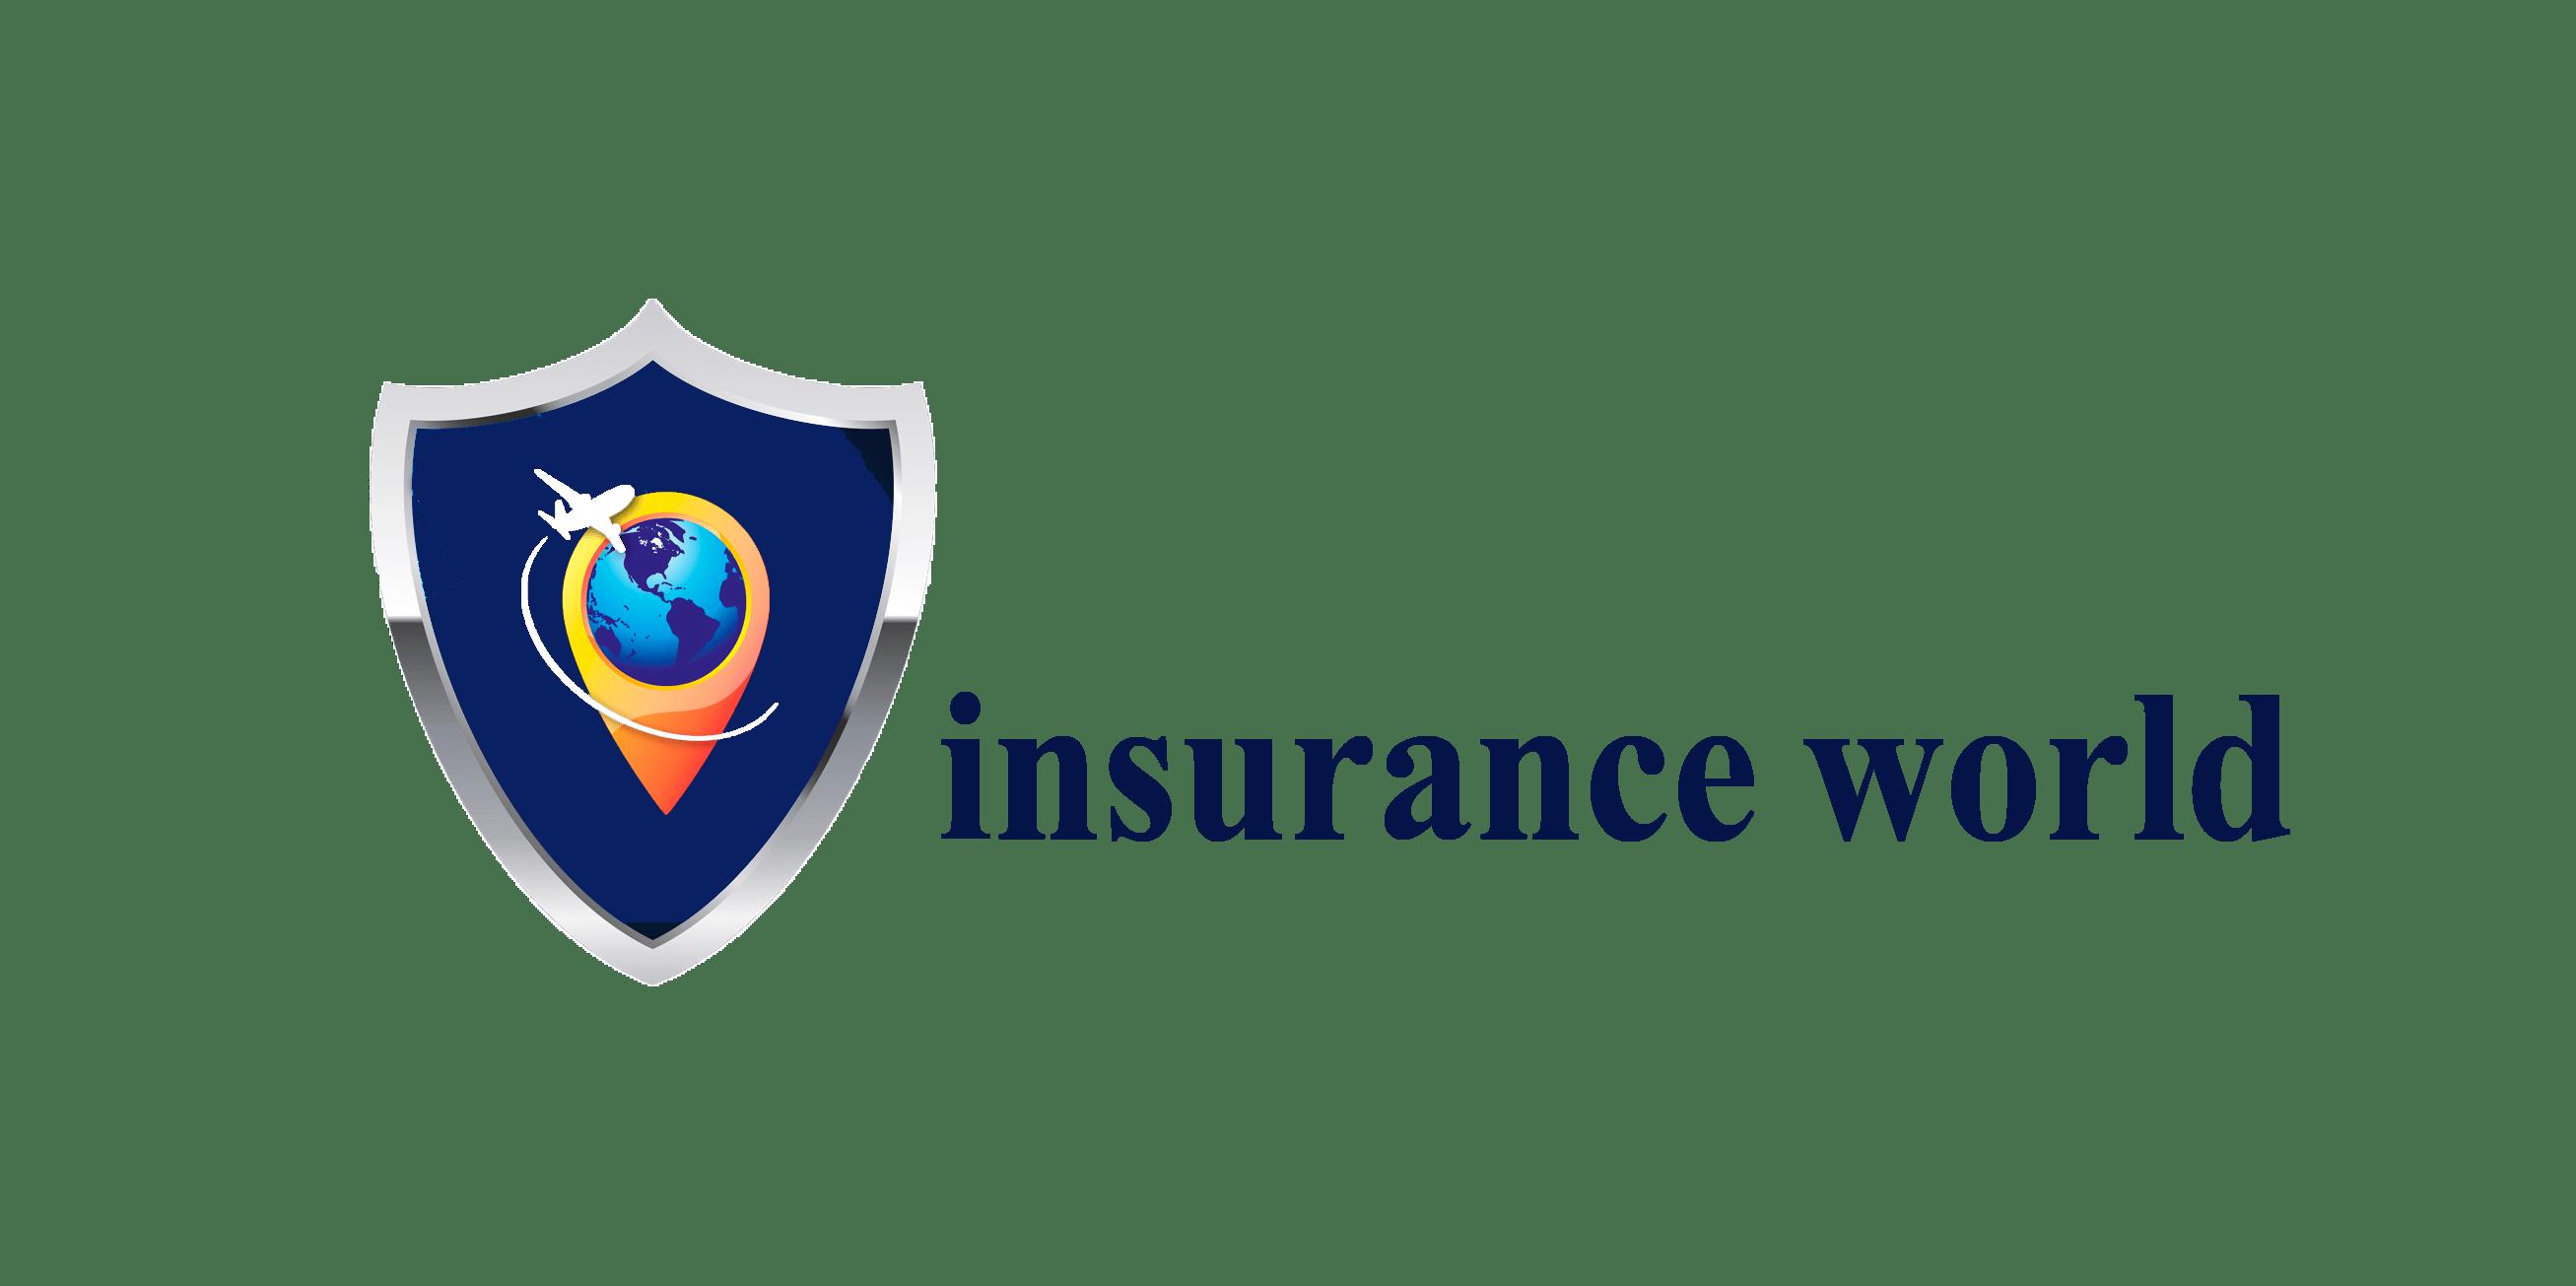 ביטוח עולמי